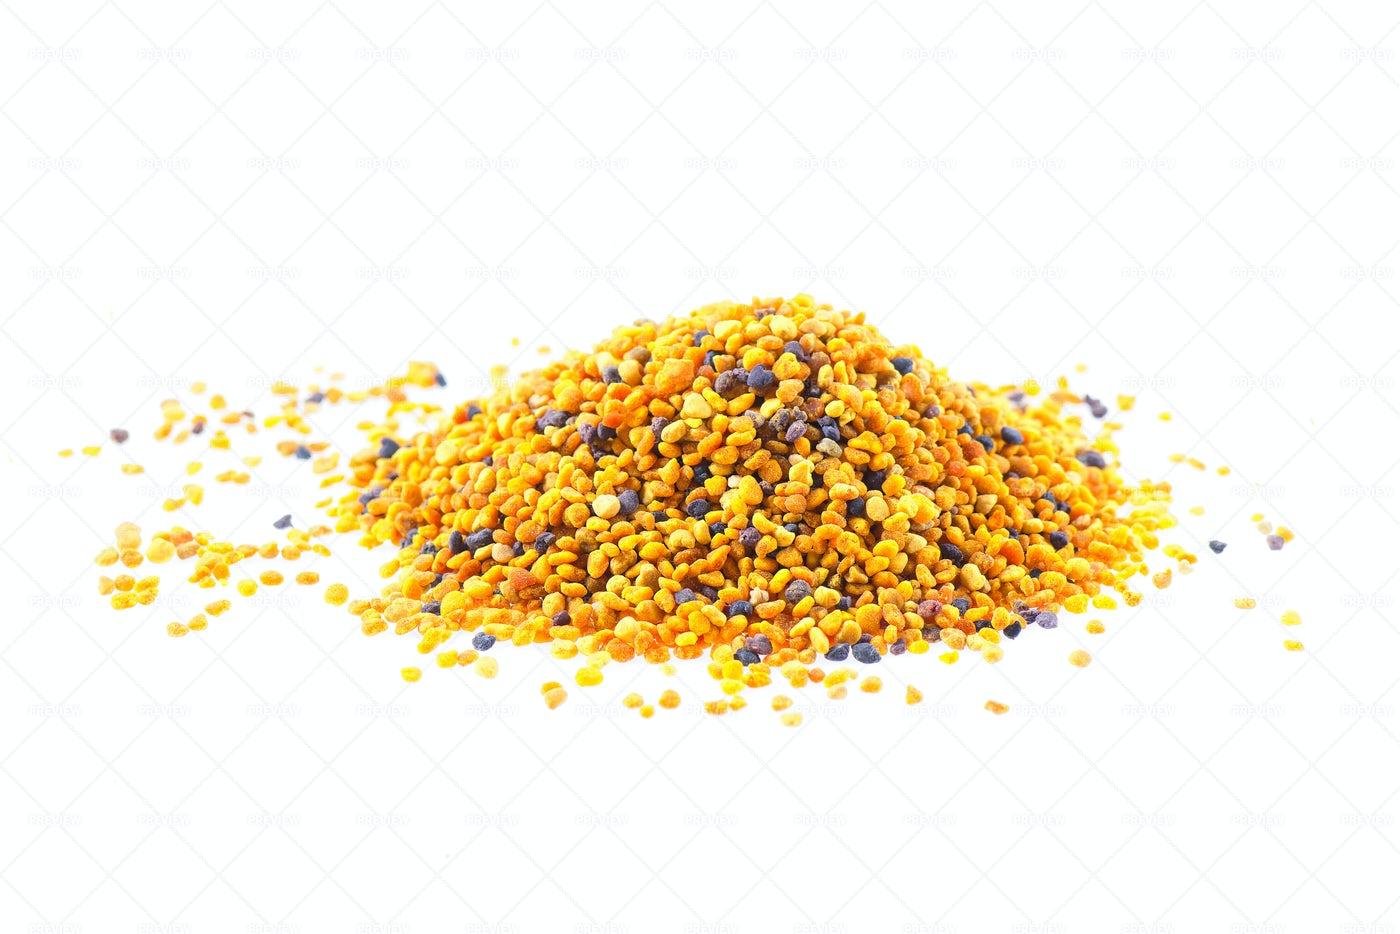 Grains Of Bee Pollen: Stock Photos